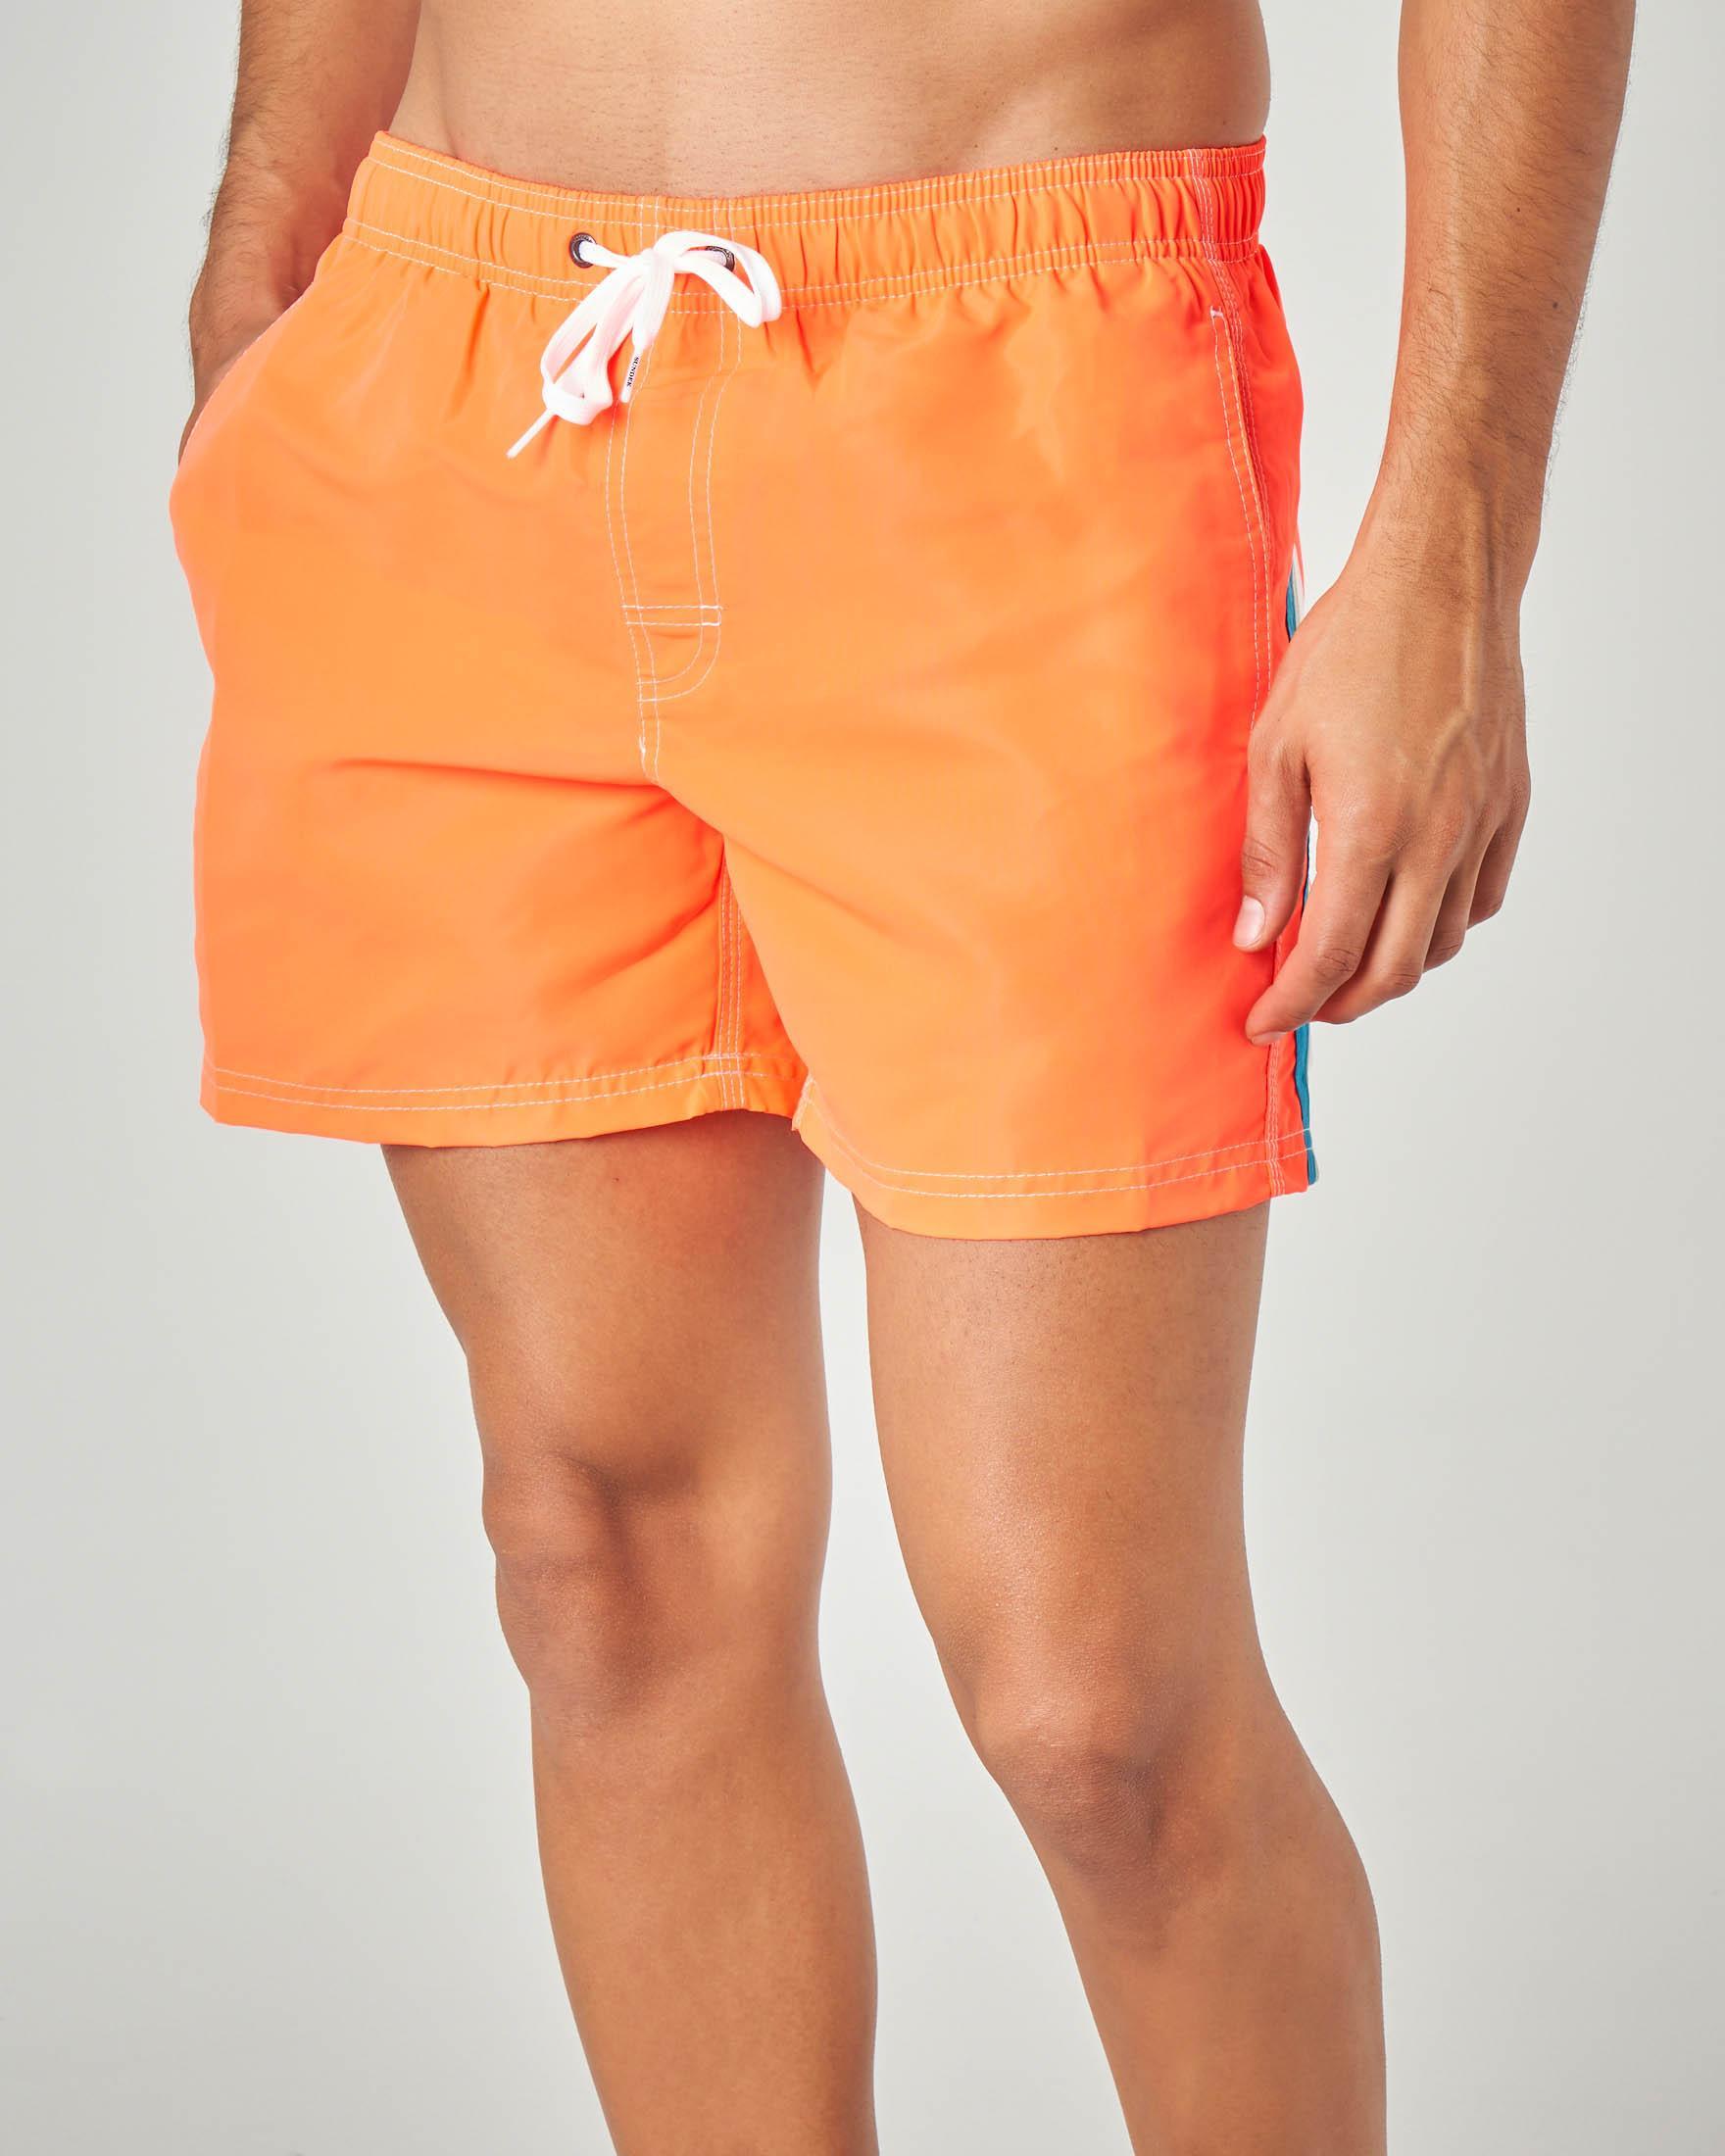 Boxer mare arancione con arcobaleno azzurro grigio bianco e taschino